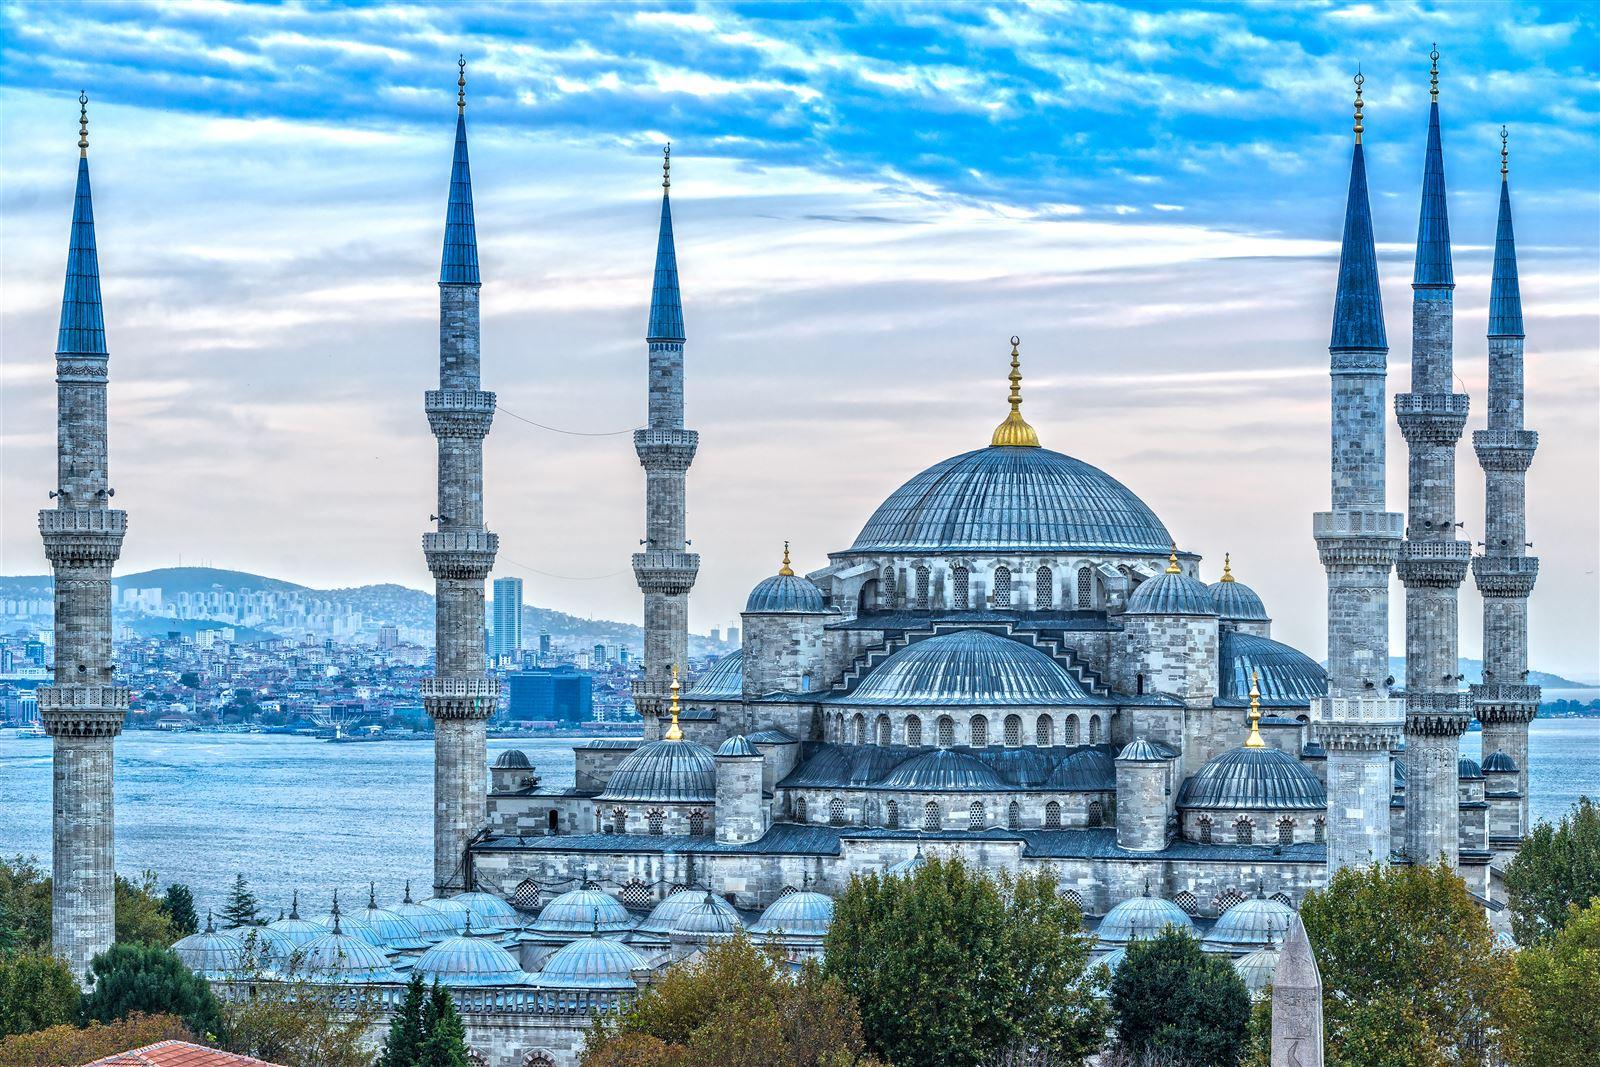 Du Lịch Thổ Nhĩ Kỳ - Hy Lạp 7 ngày 7 đêm